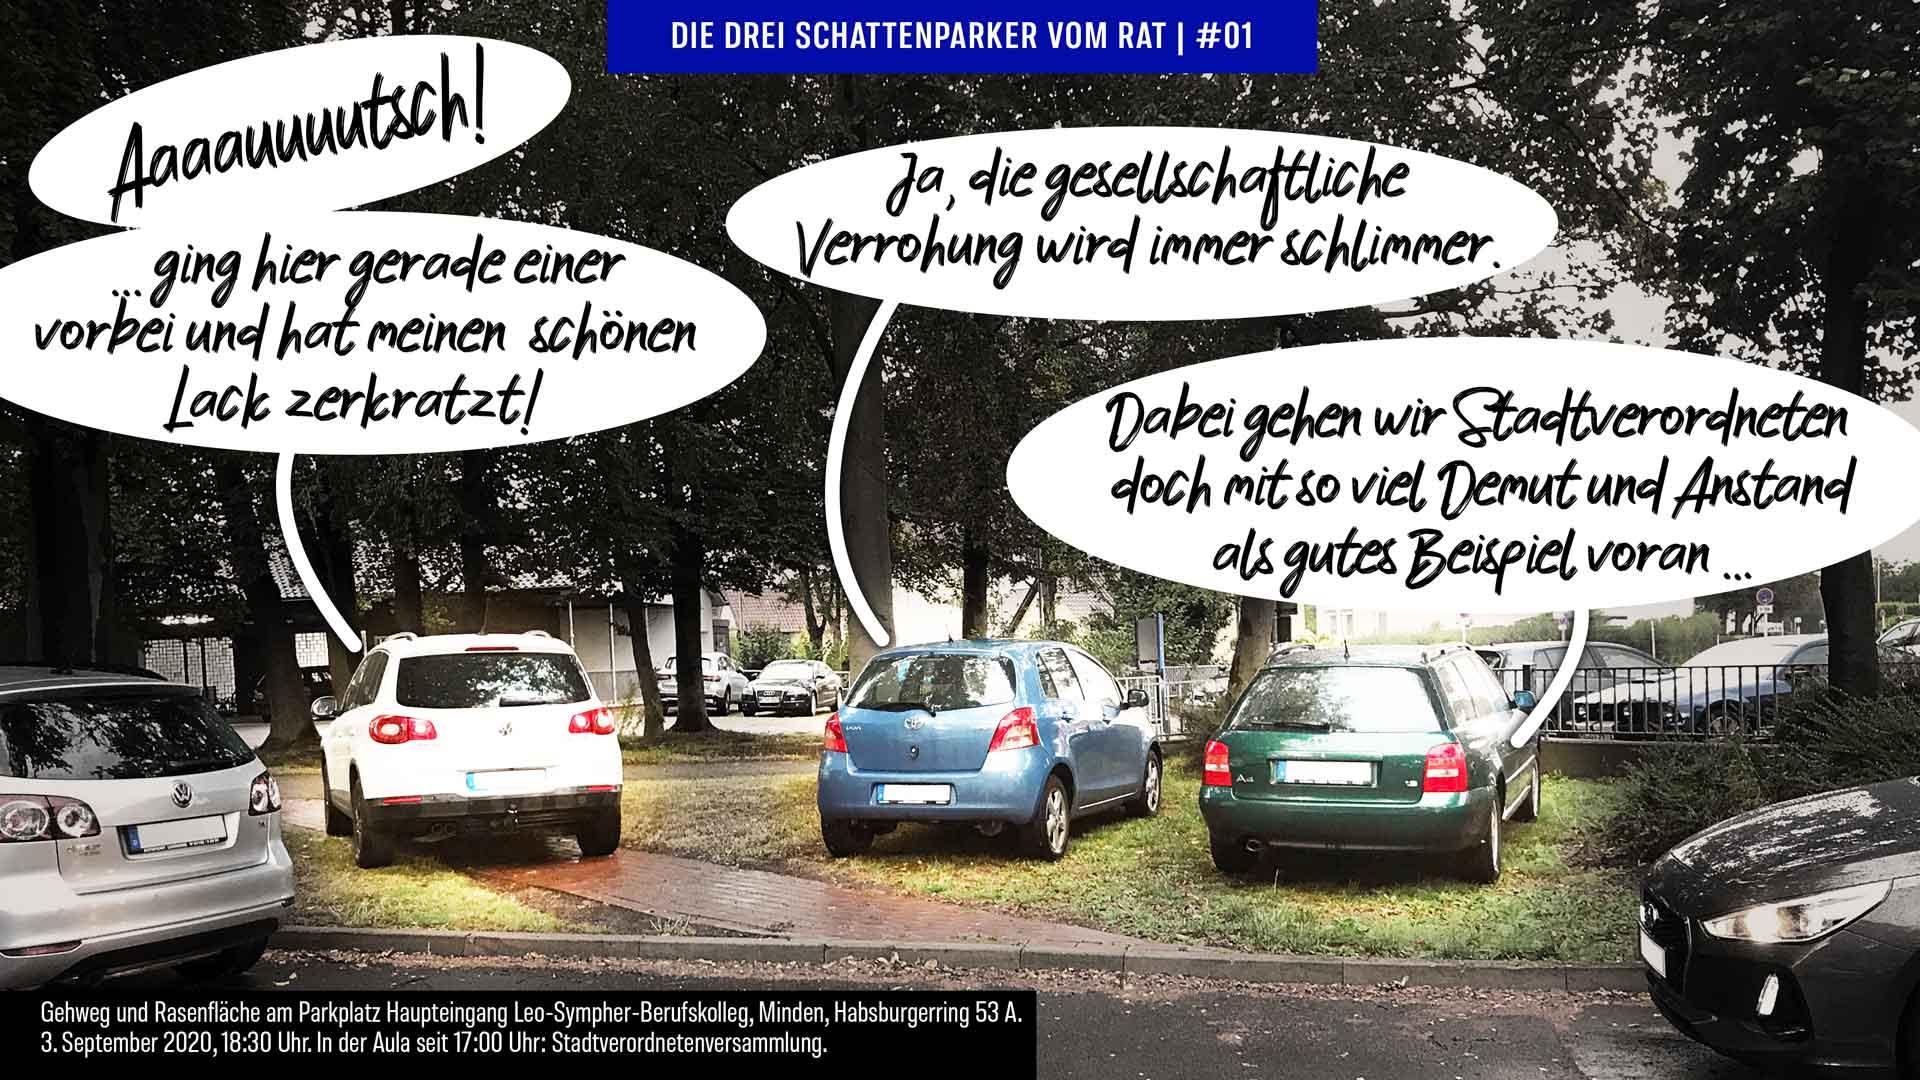 Foto-Cartoon: Mindens Stadtverordnete können nicht mal richtig parken #01